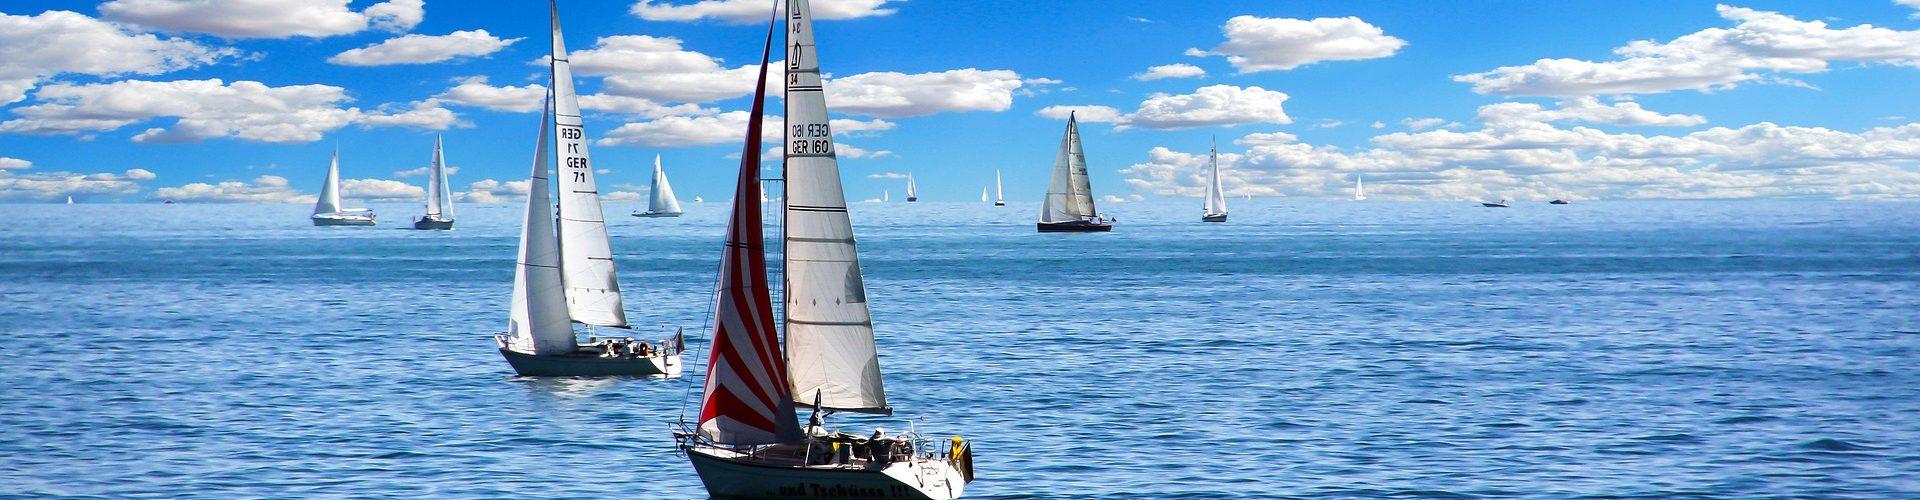 segeln lernen in Dornum Neßmersiel segelschein machen in Dornum Neßmersiel 1920x500 - Segeln lernen in Dornum Neßmersiel